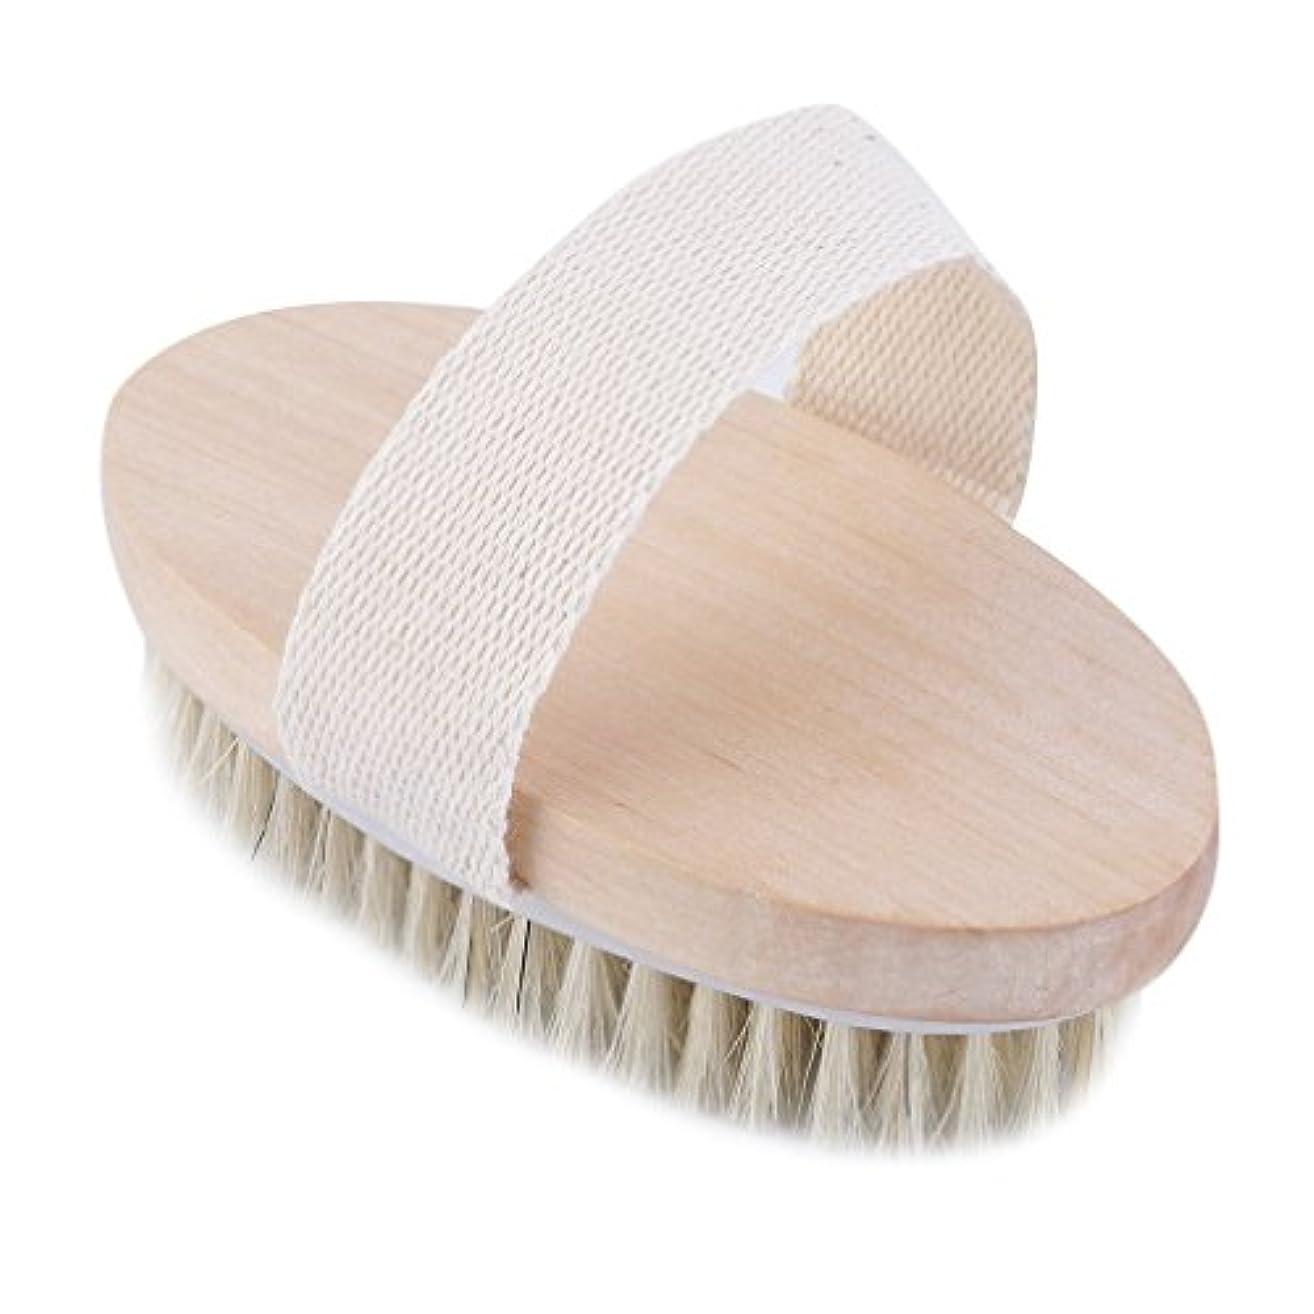 めんどり時間とともに相対サイズuzinby 豚毛 天然素材 木製 短柄 ボディブラシ 足を洗う 角質除去 美肌 バス用品